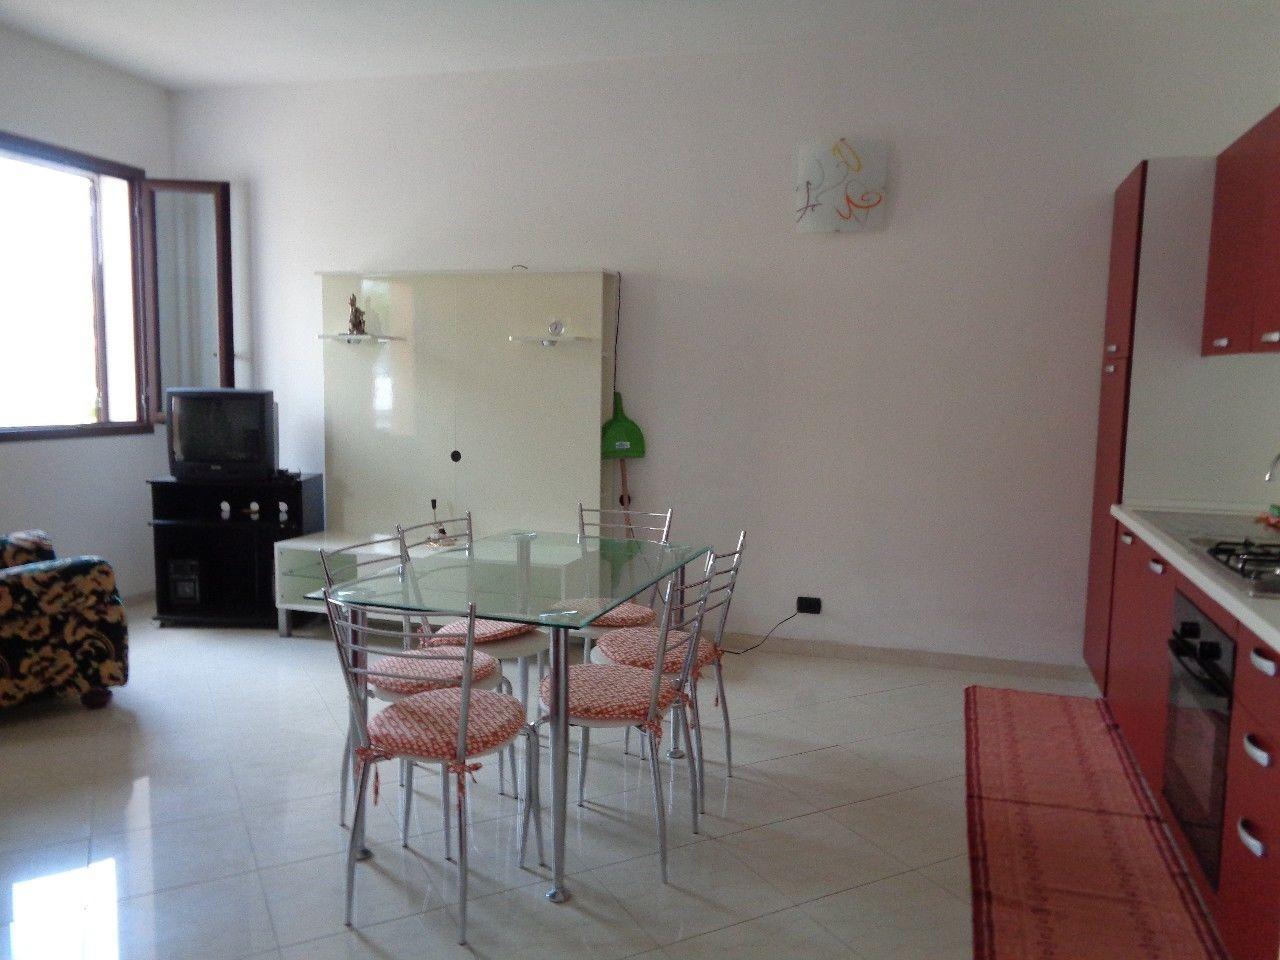 Appartamento in affitto a Ventimiglia, 3 locali, prezzo € 850 | PortaleAgenzieImmobiliari.it